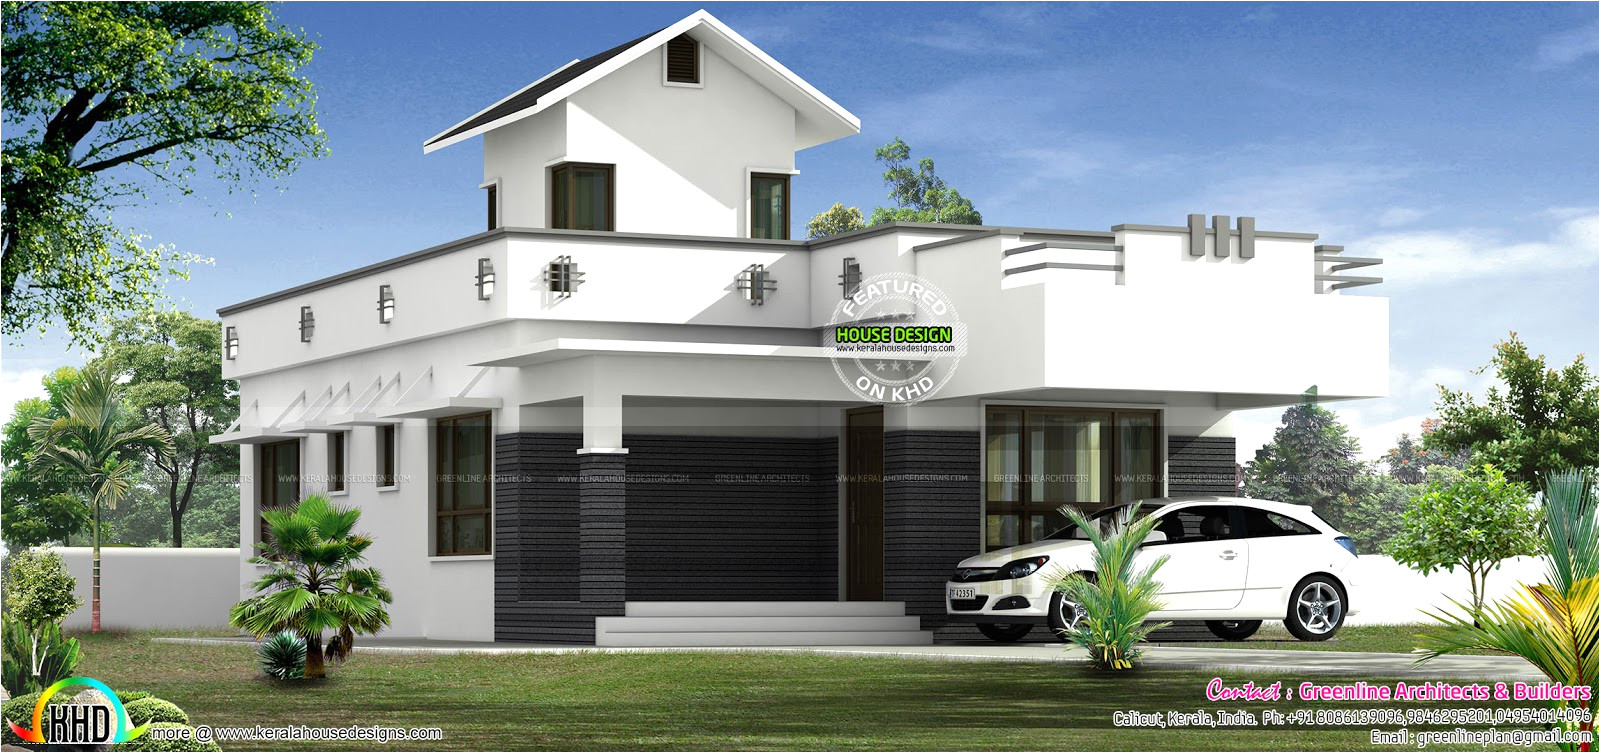 house designs below lakhs